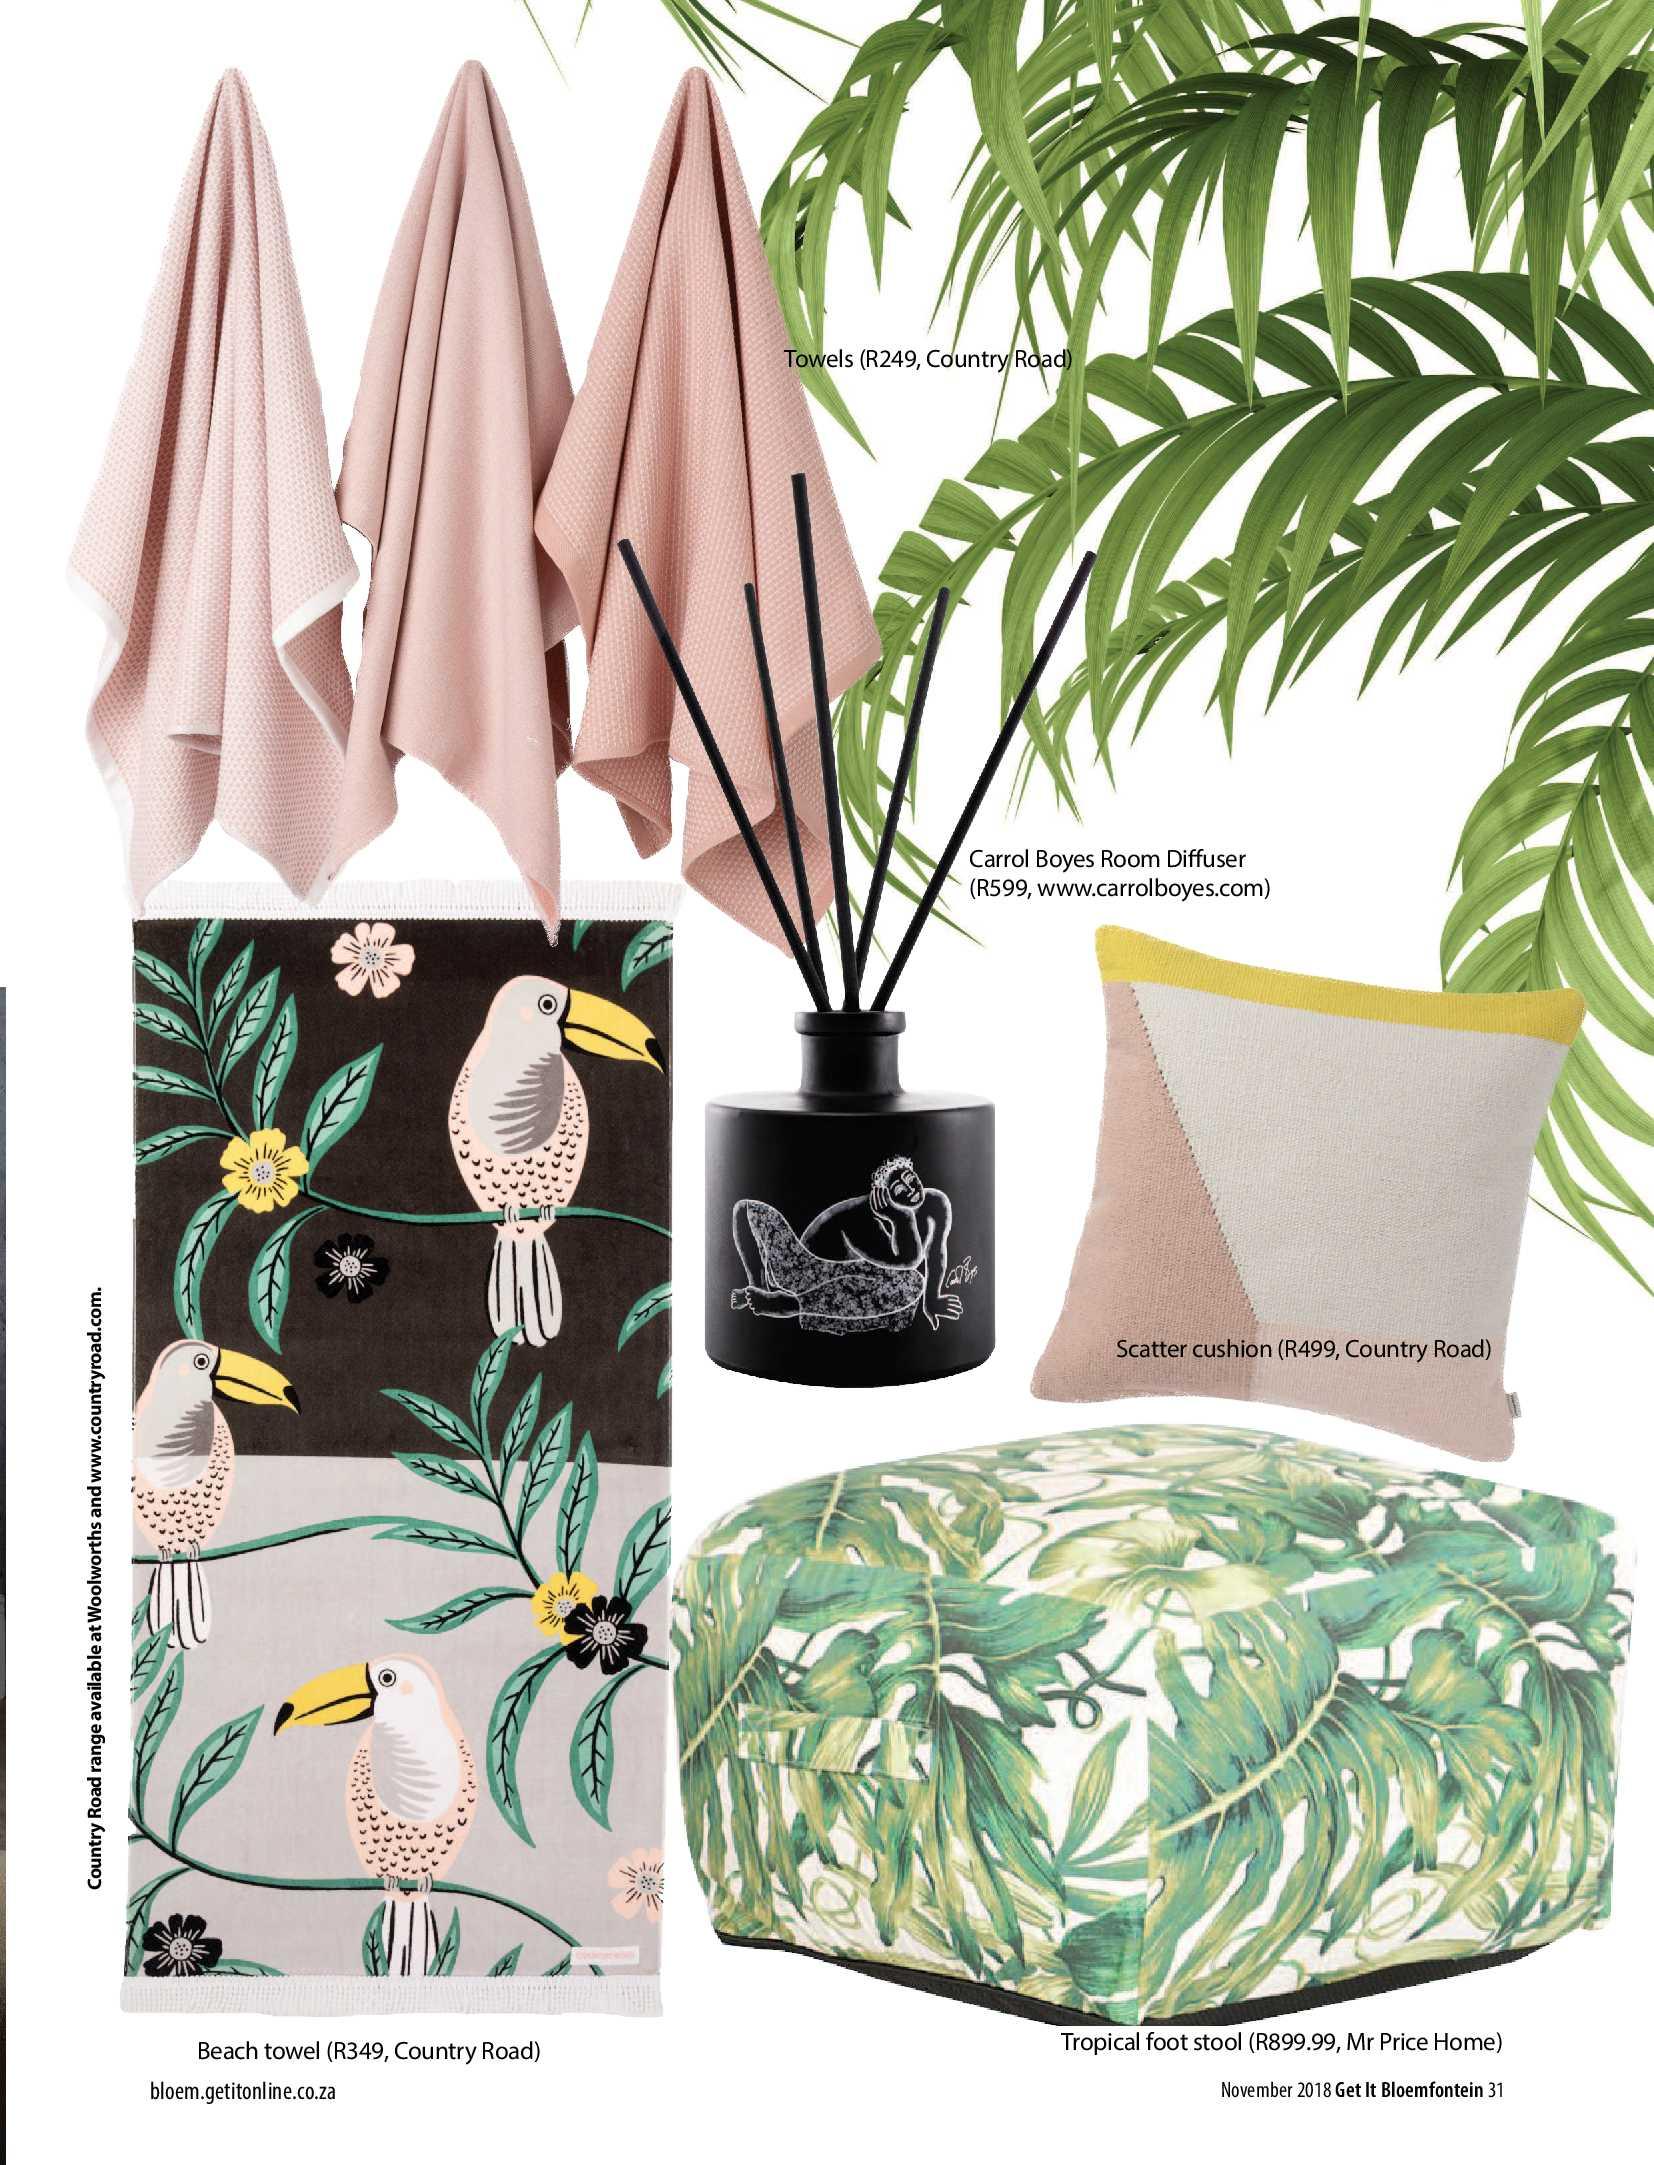 get-bloemfontein-november-2018-epapers-page-33